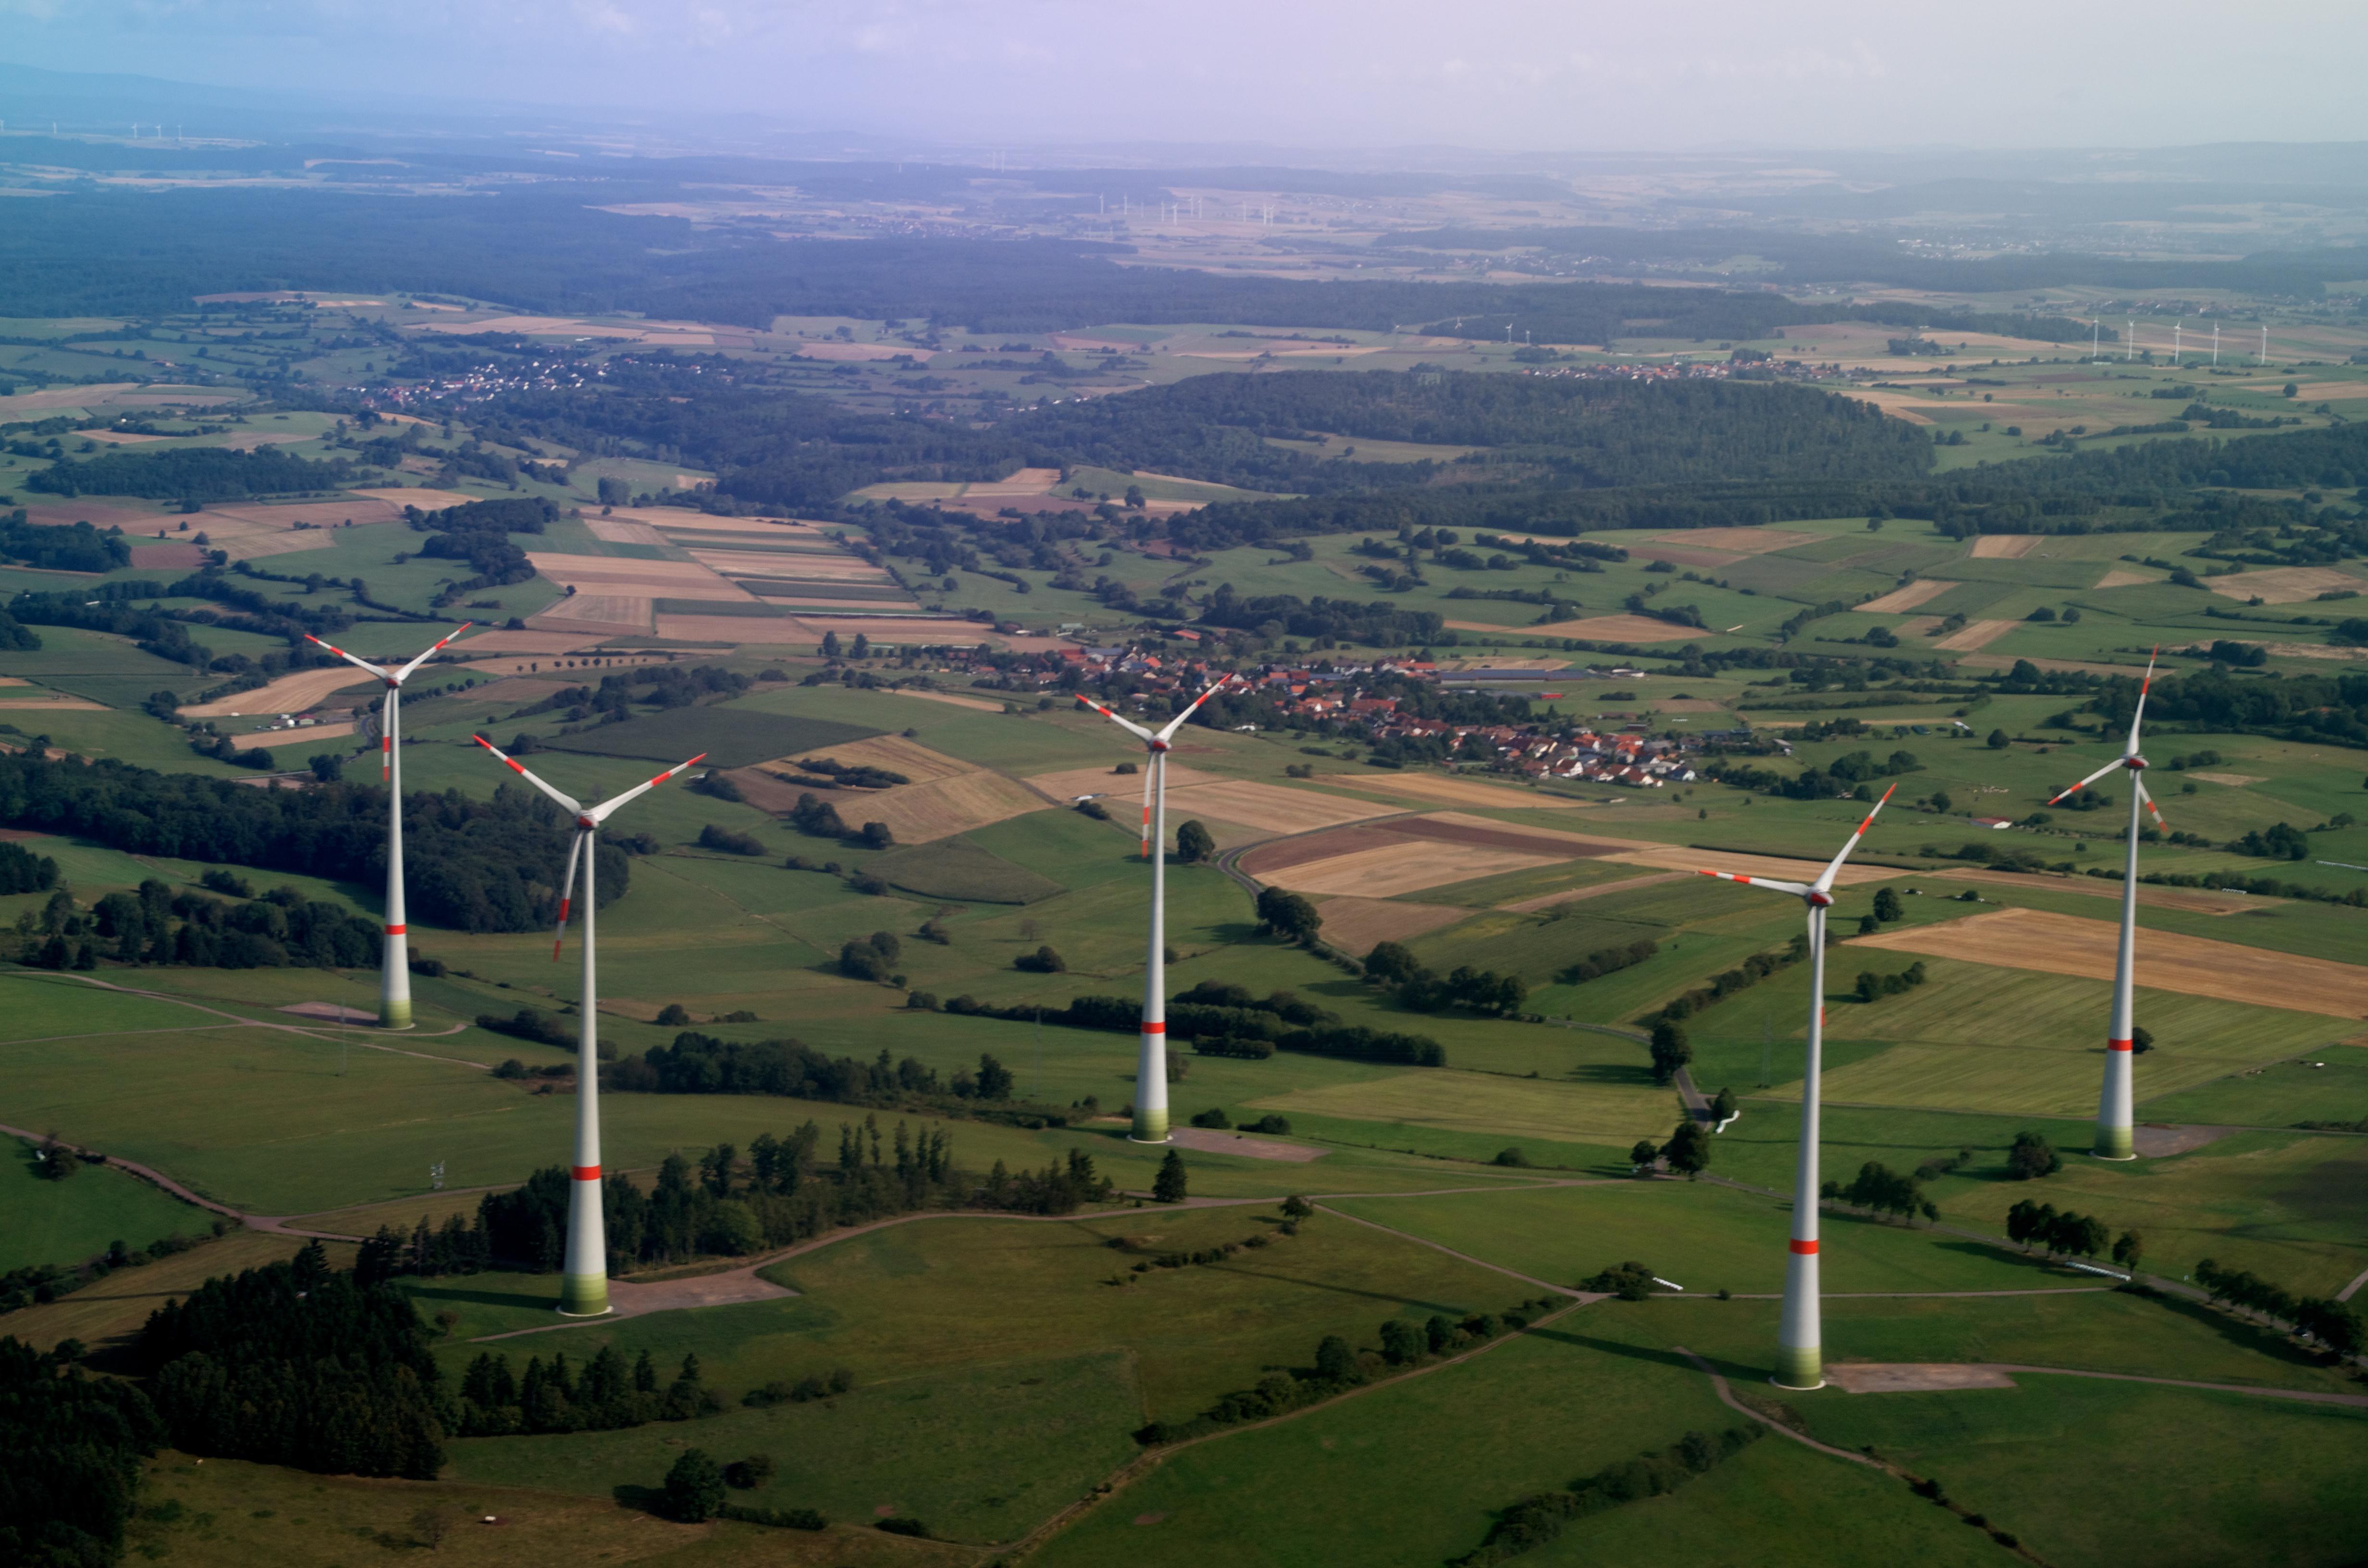 Windfarm Platte, zu verdanken haben wir das: Energiegenossenschaft Vogelsberg, OVAG, Hessenenergie, Hessenwind, Gerd Morber, Dr. Erik Siefart, Edwin Schneider, Erwin Horst